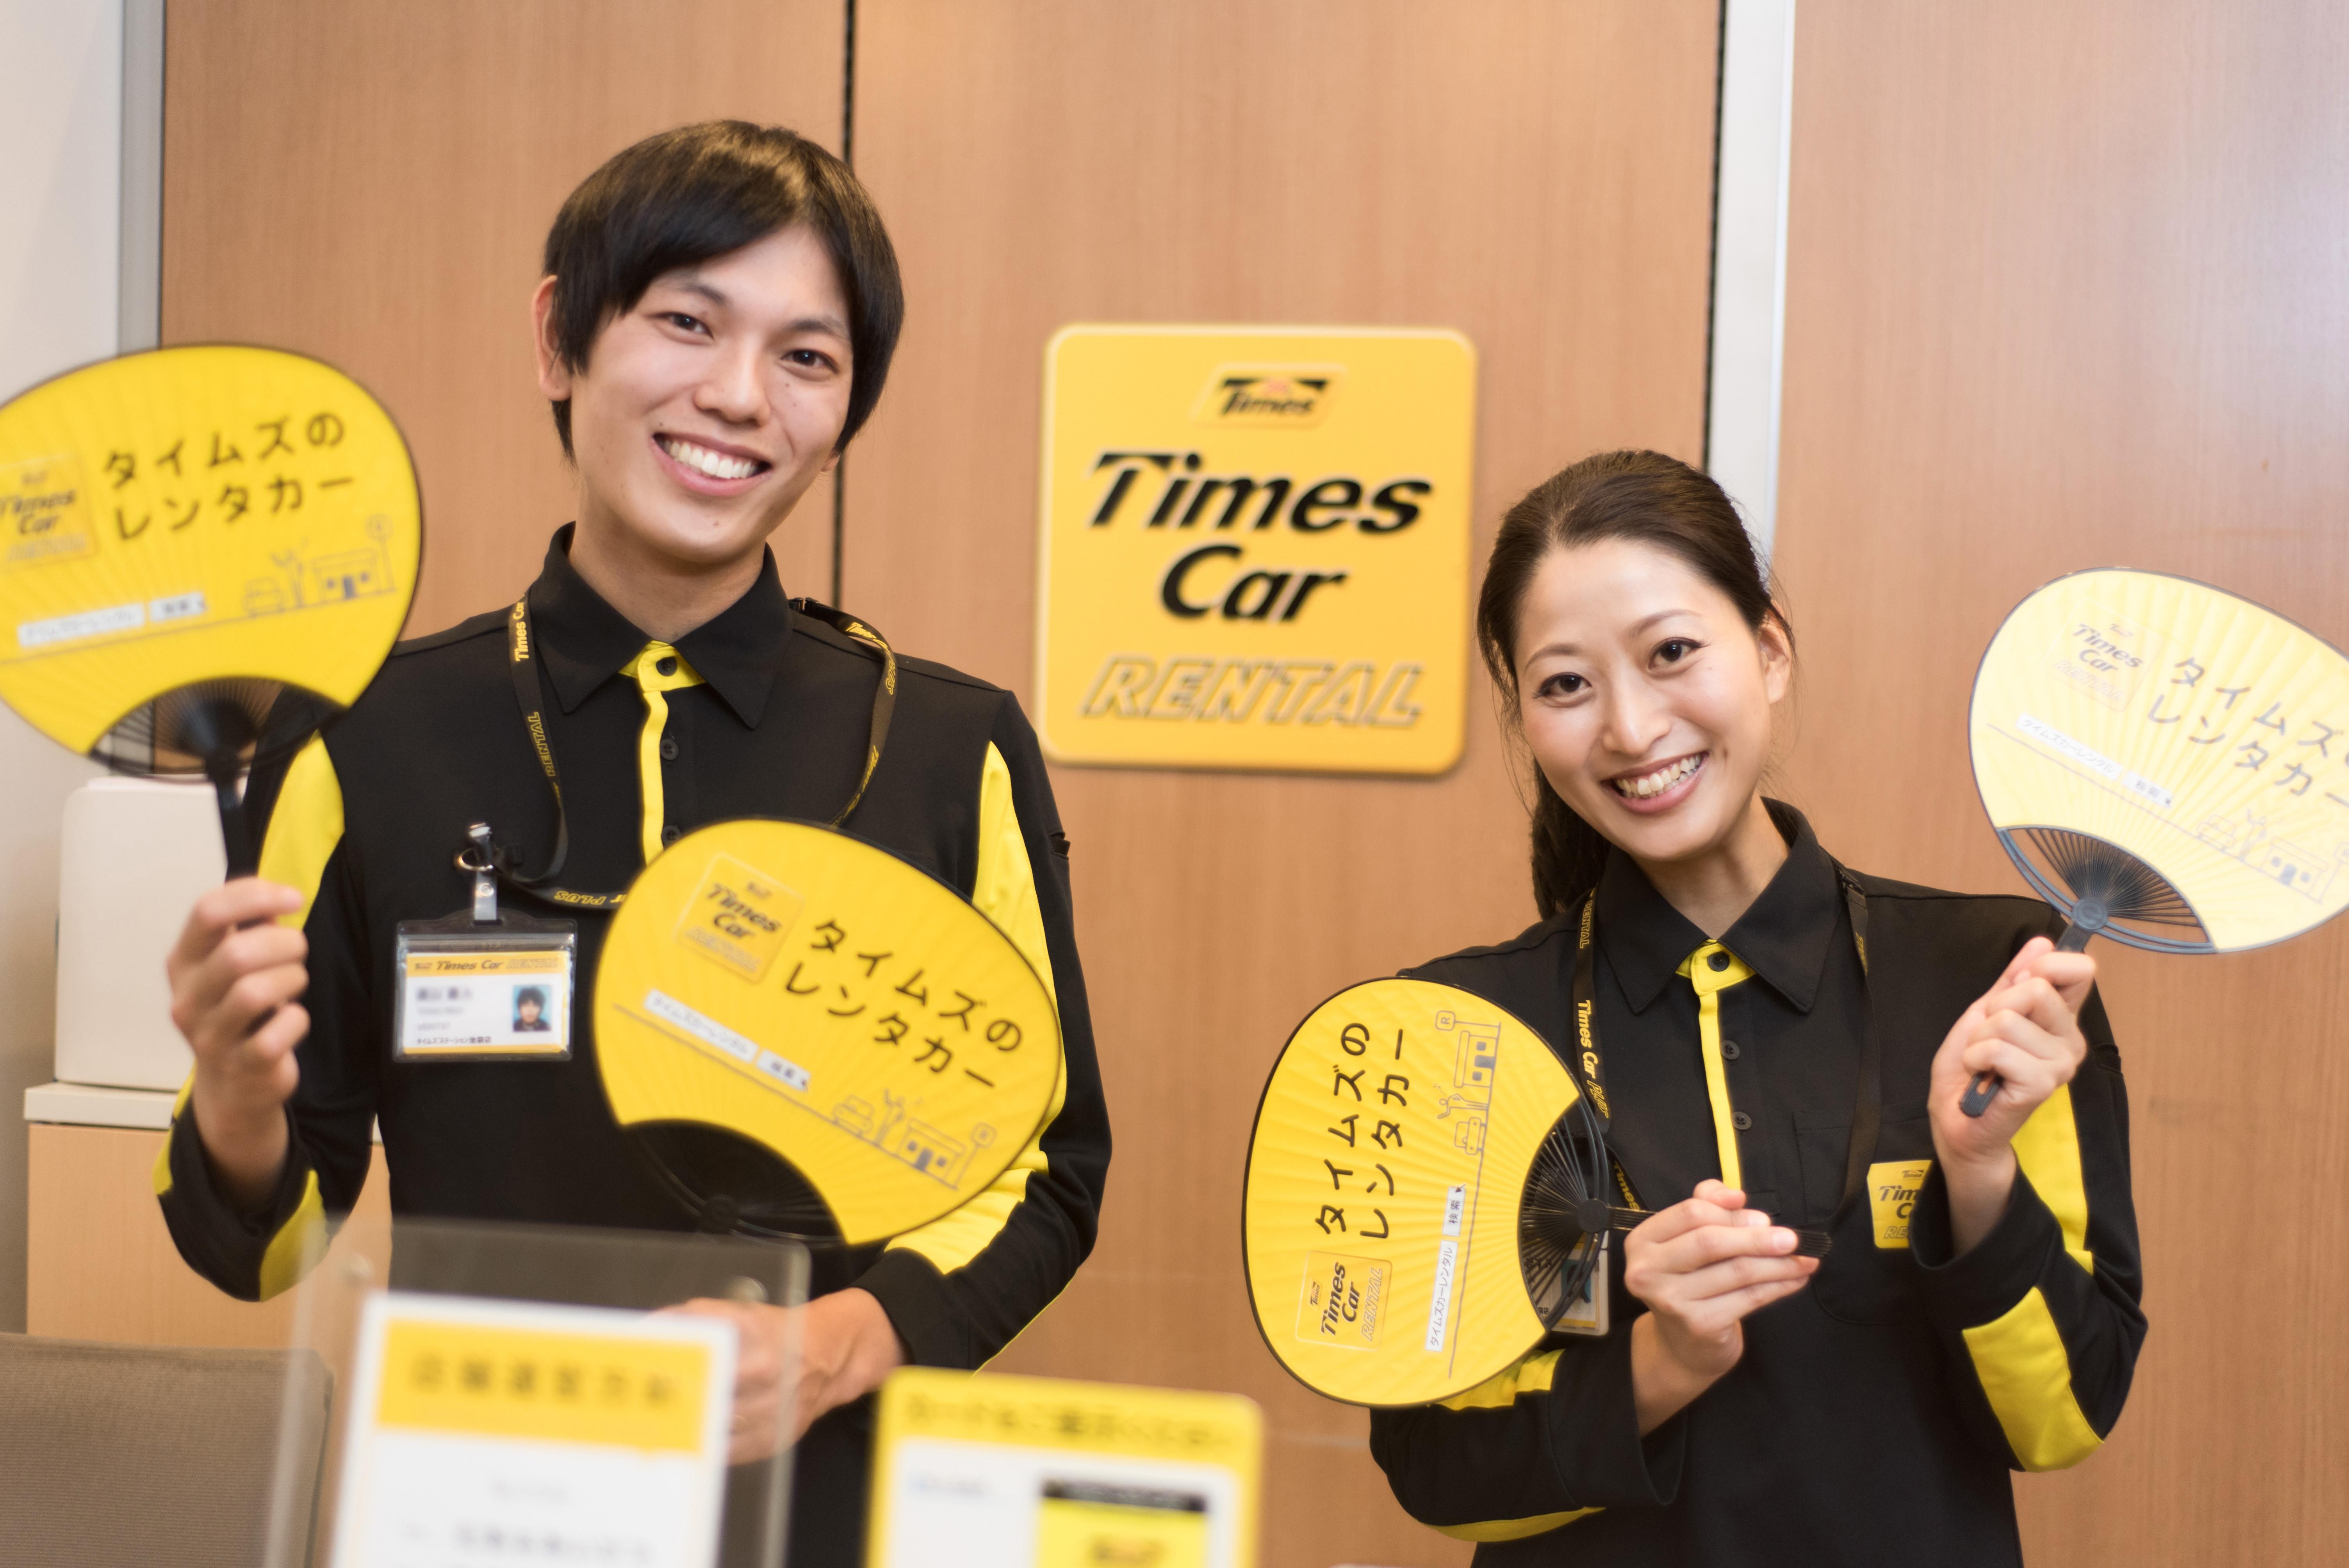 タイムズカーレンタル 松江駅南店 のアルバイト情報